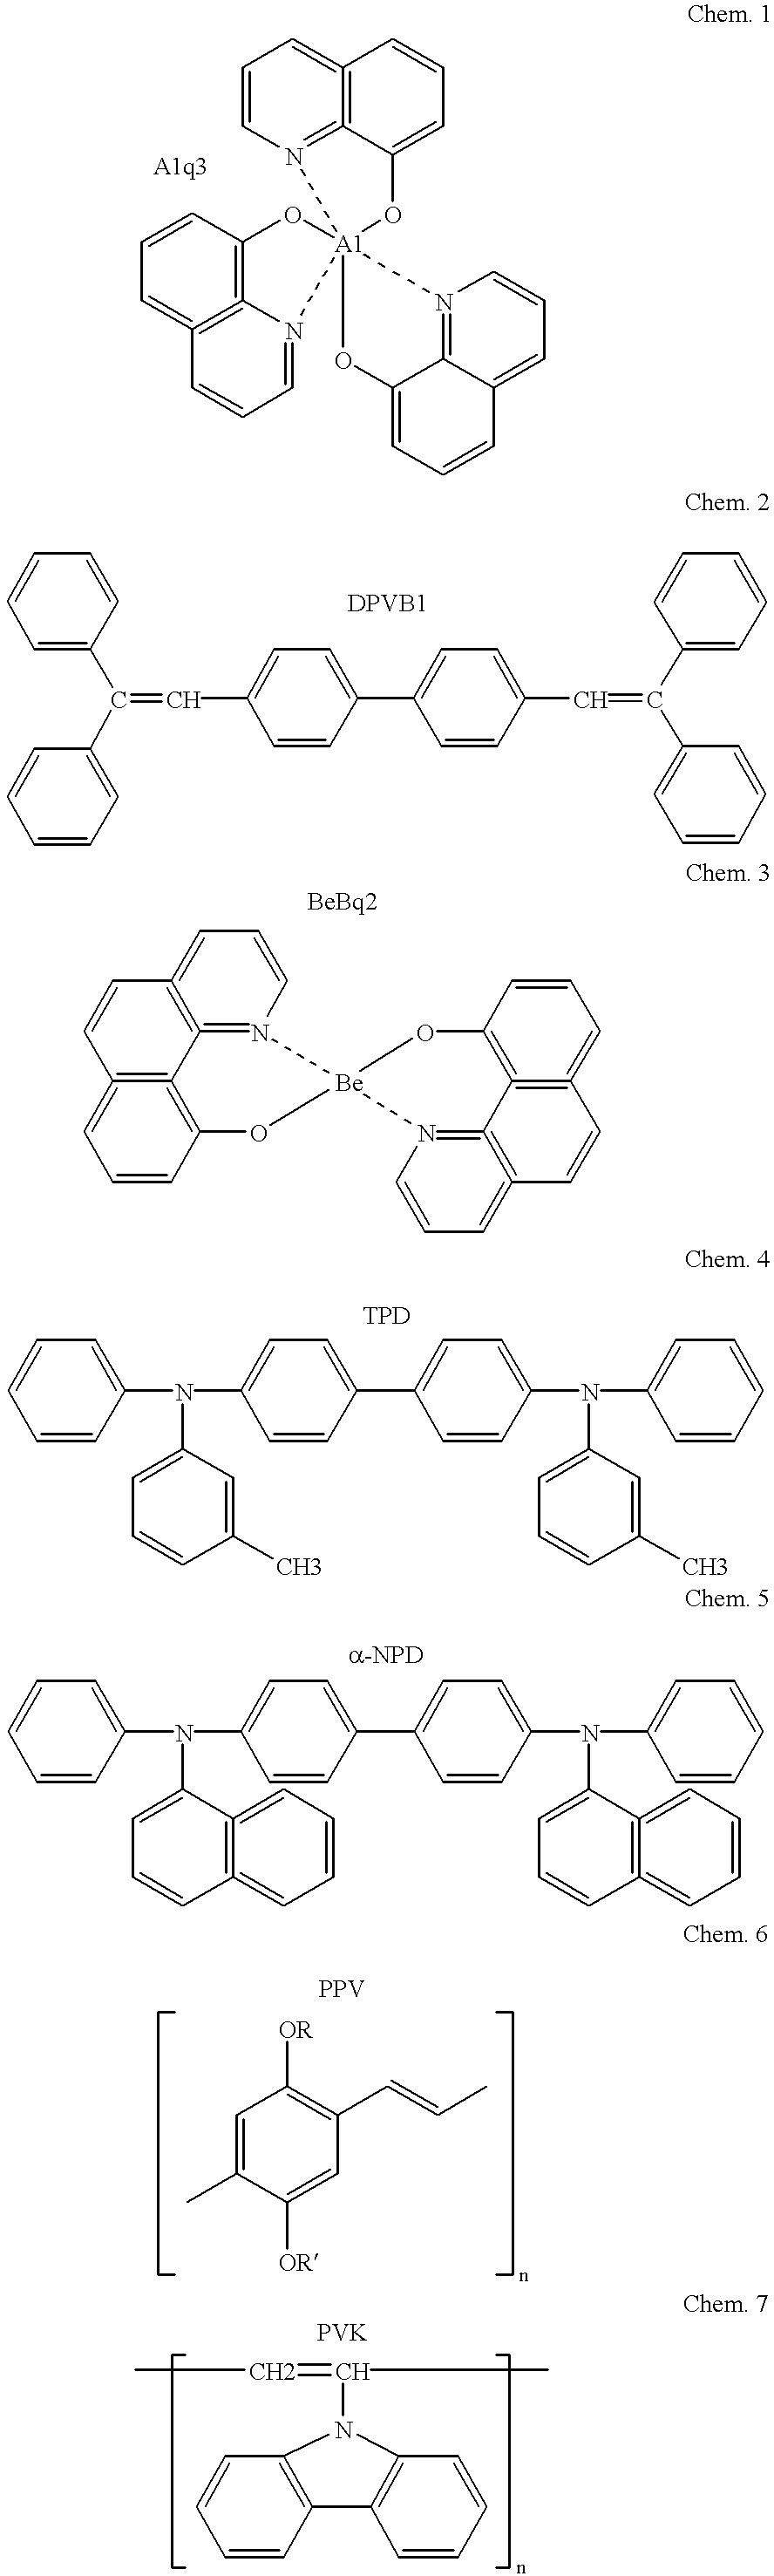 Figure US20010031509A1-20011018-C00001